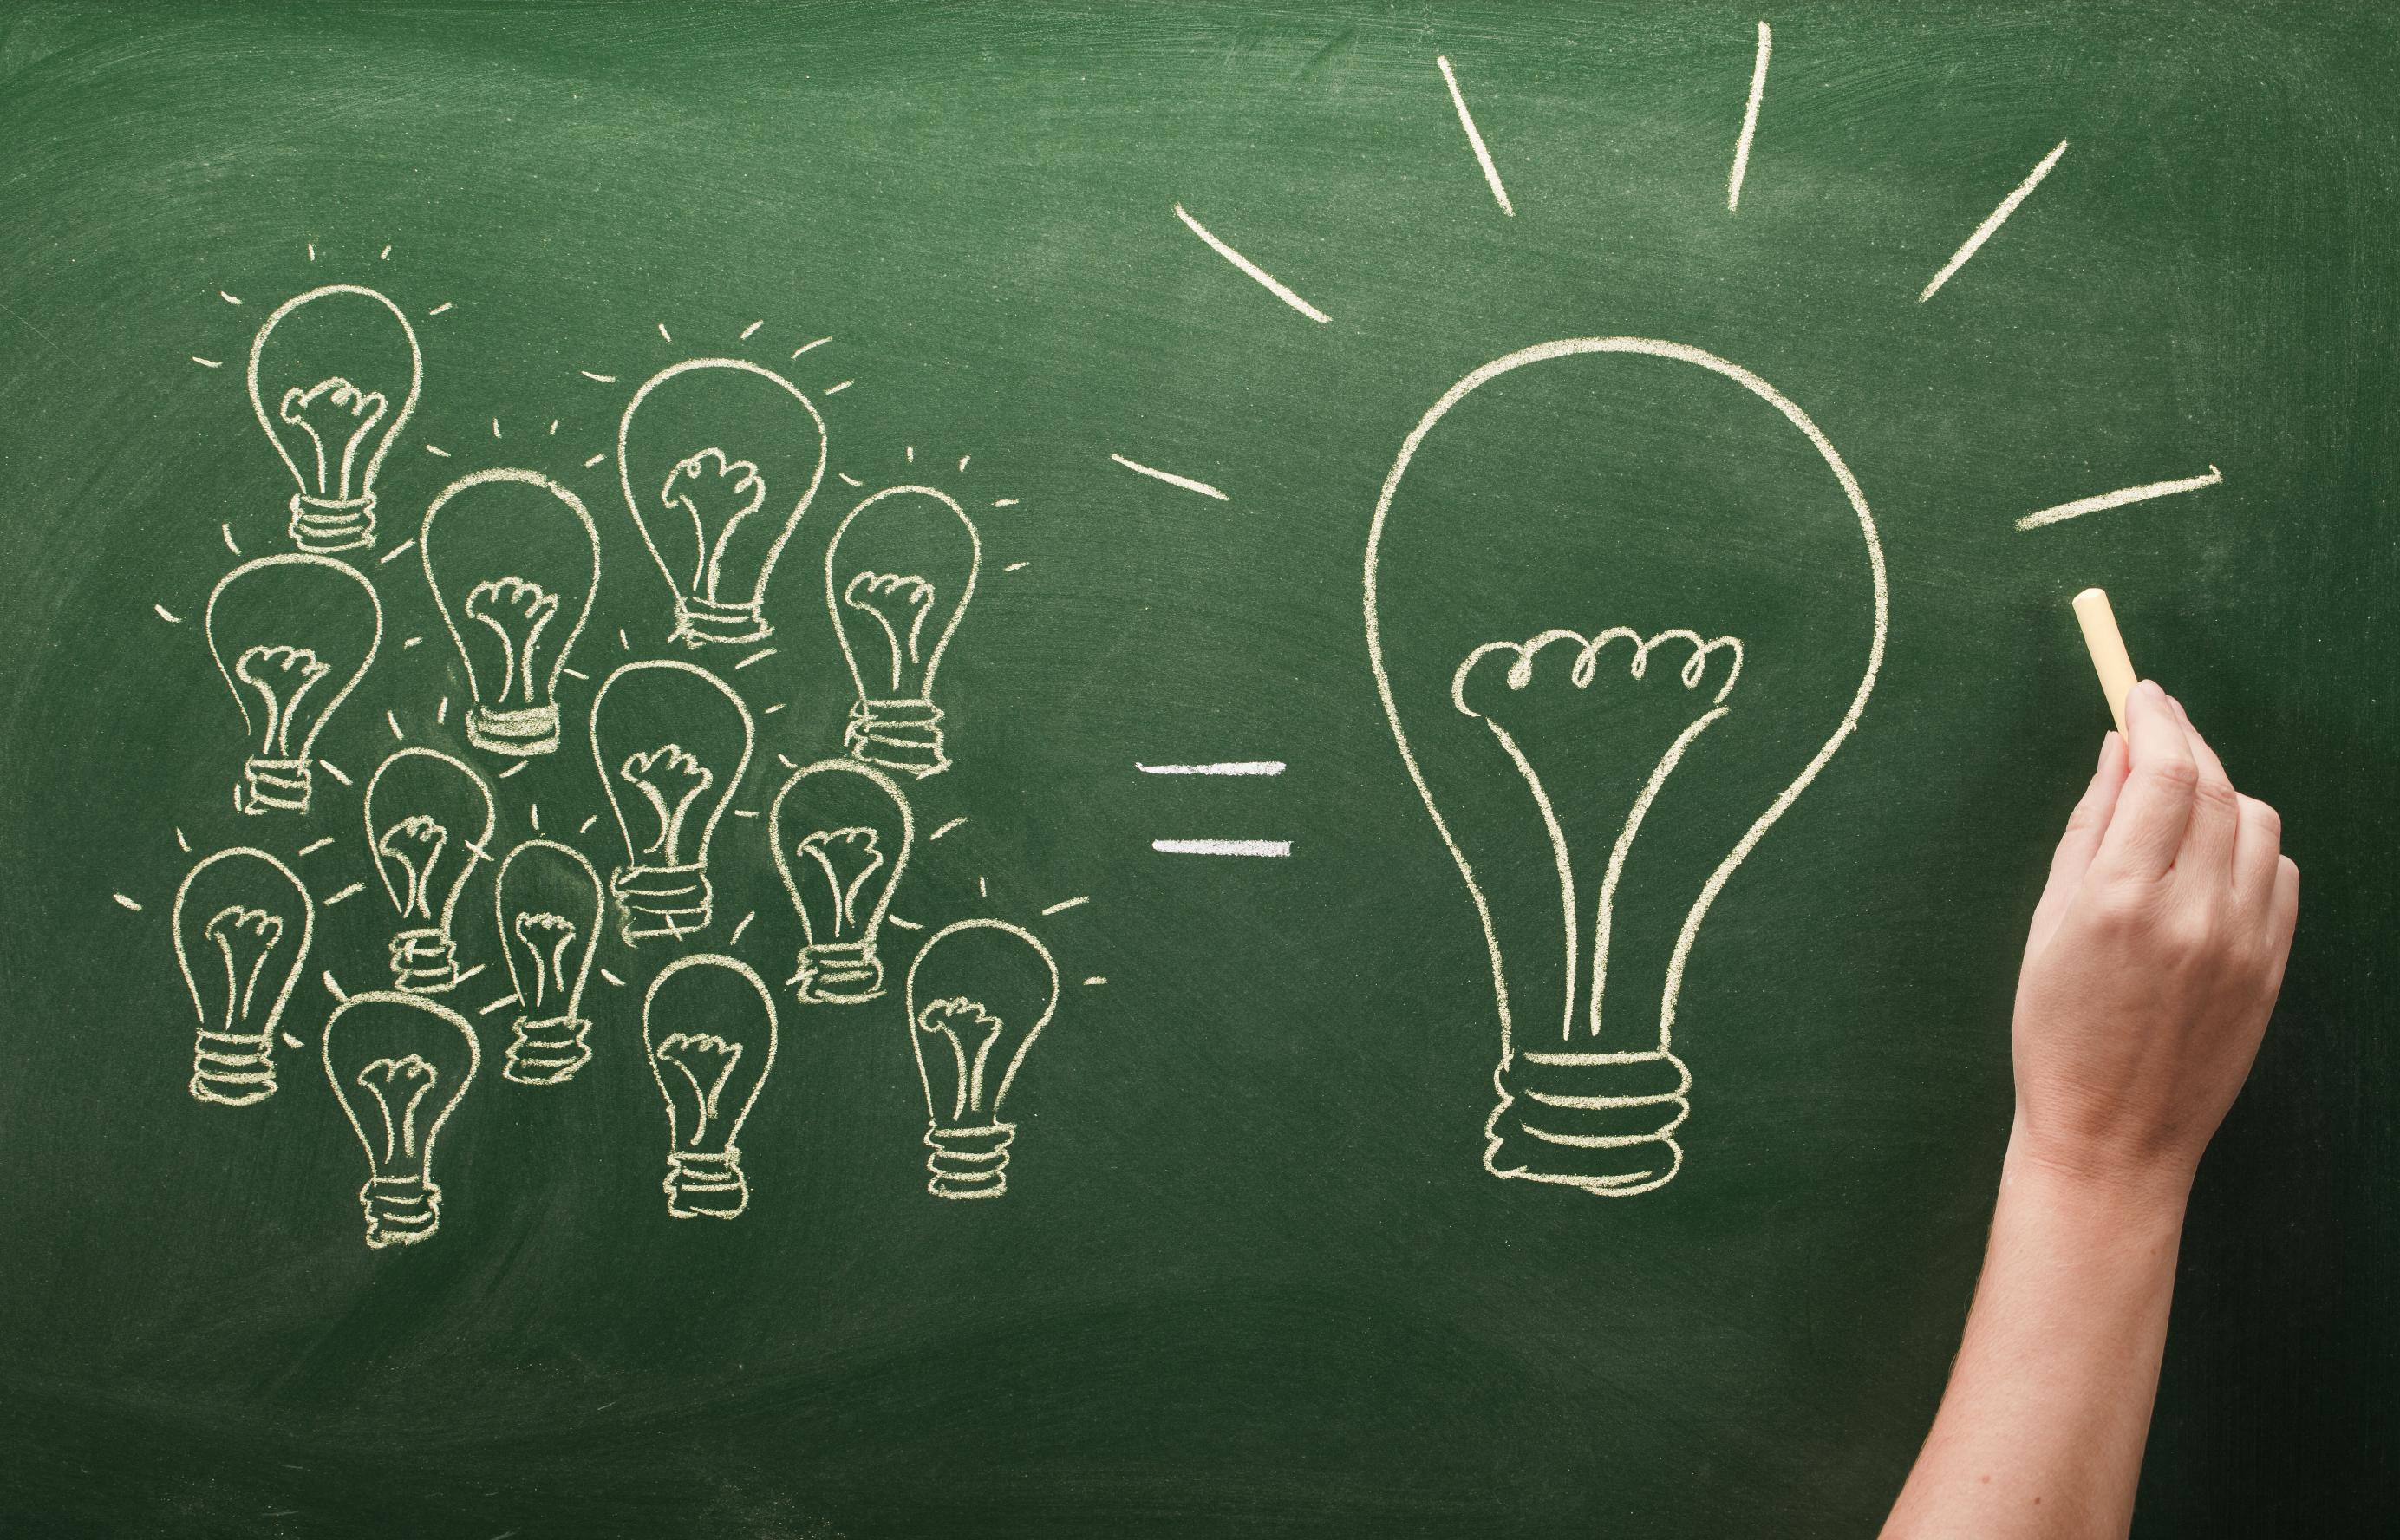 É possível aplicar a Fórmula de Lançamento em produtos diferentes? Confira depoimento